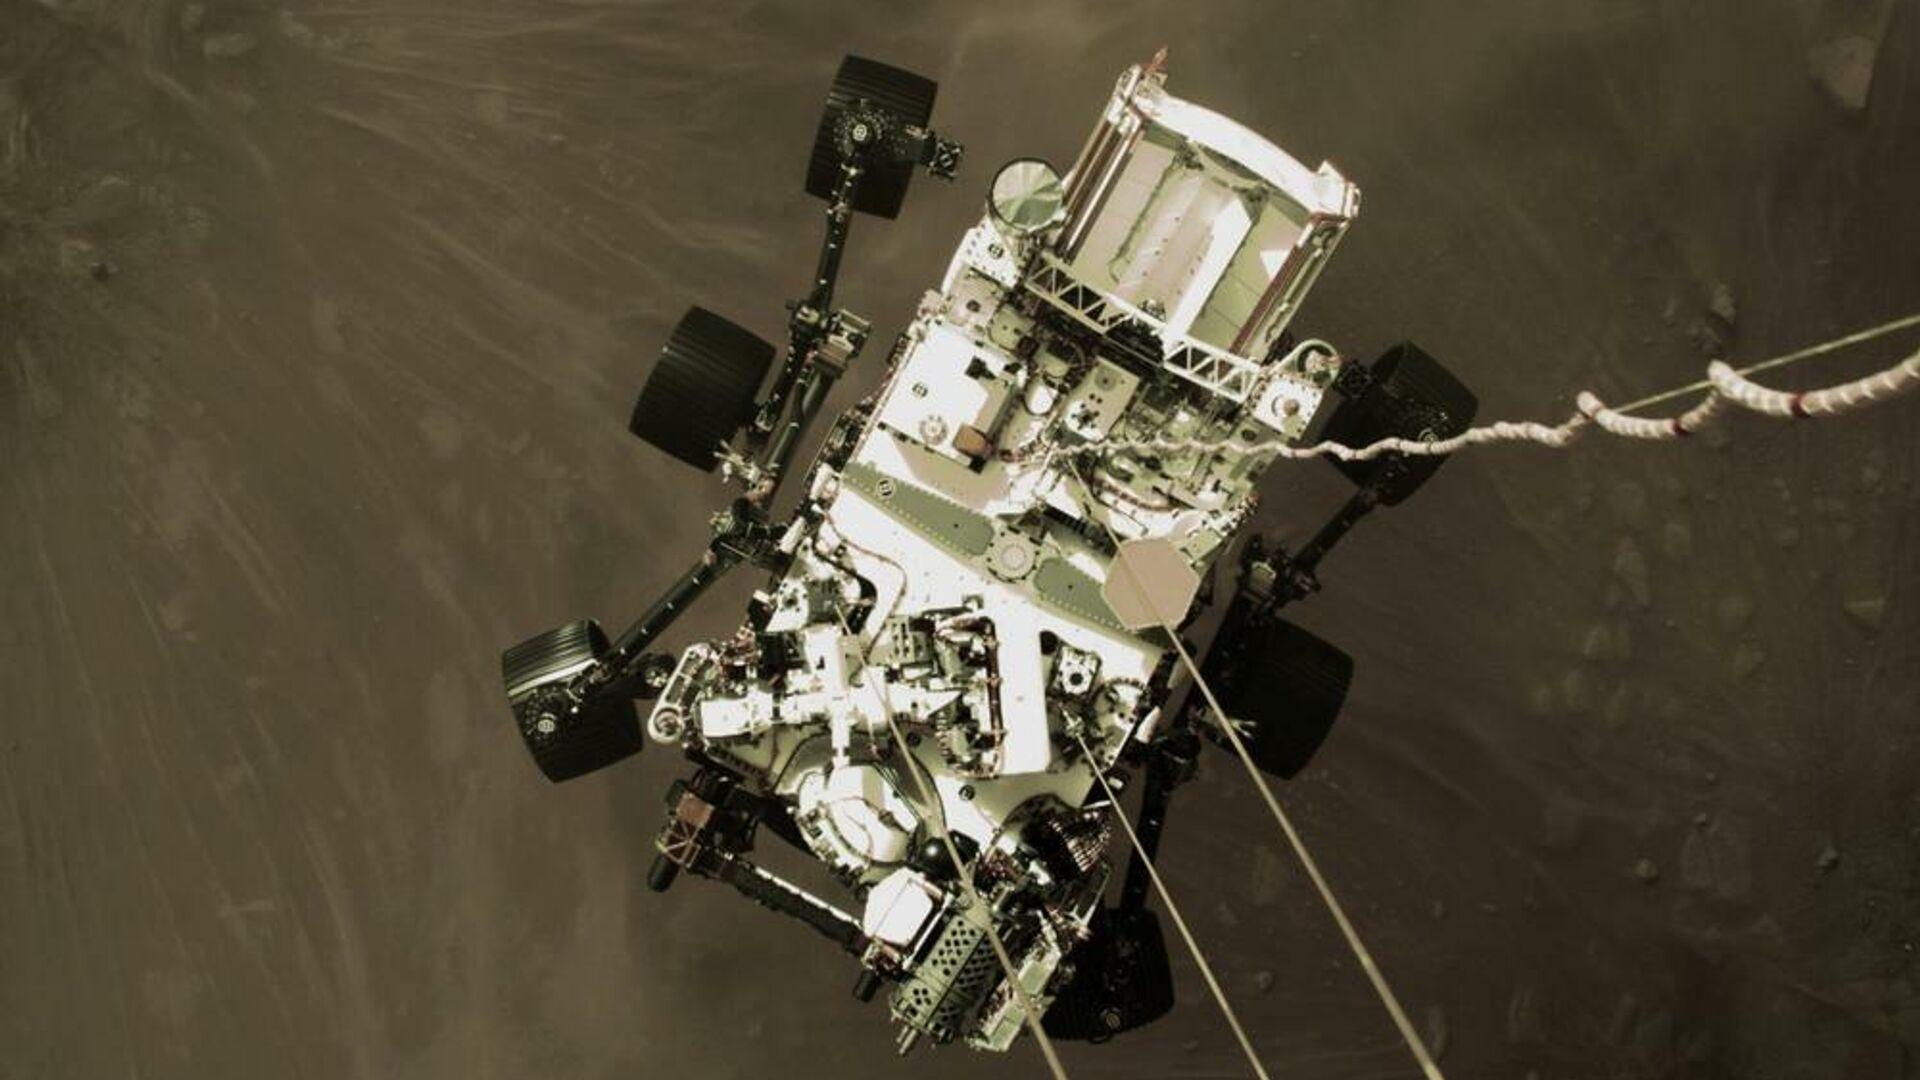 Aterrizaje del rover Perseverance en Marte, el 18 de febrero del 2021 - Sputnik Mundo, 1920, 22.02.2021